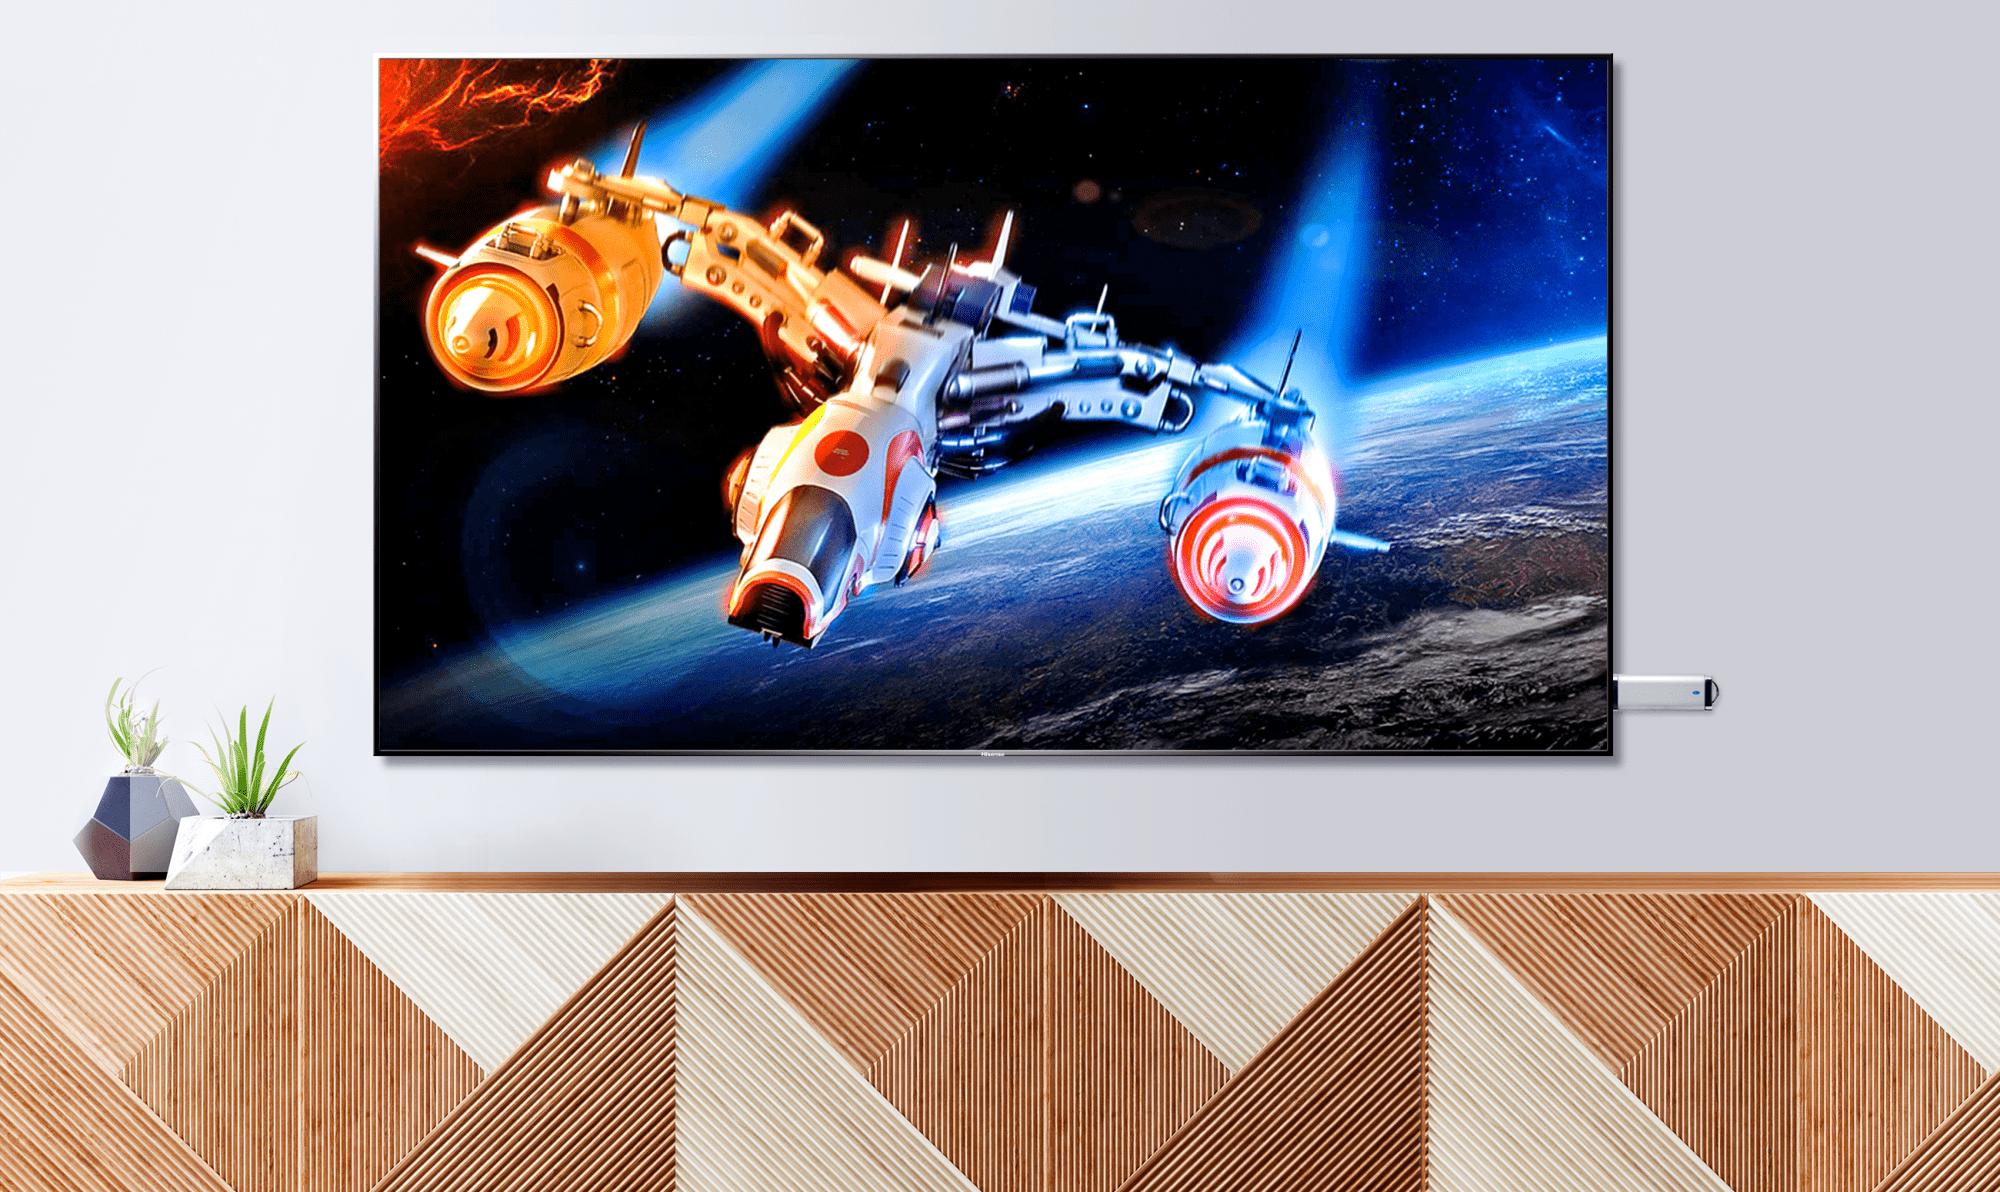 hisense tv televize  4K 2021 usb port přenos souborů multimediální